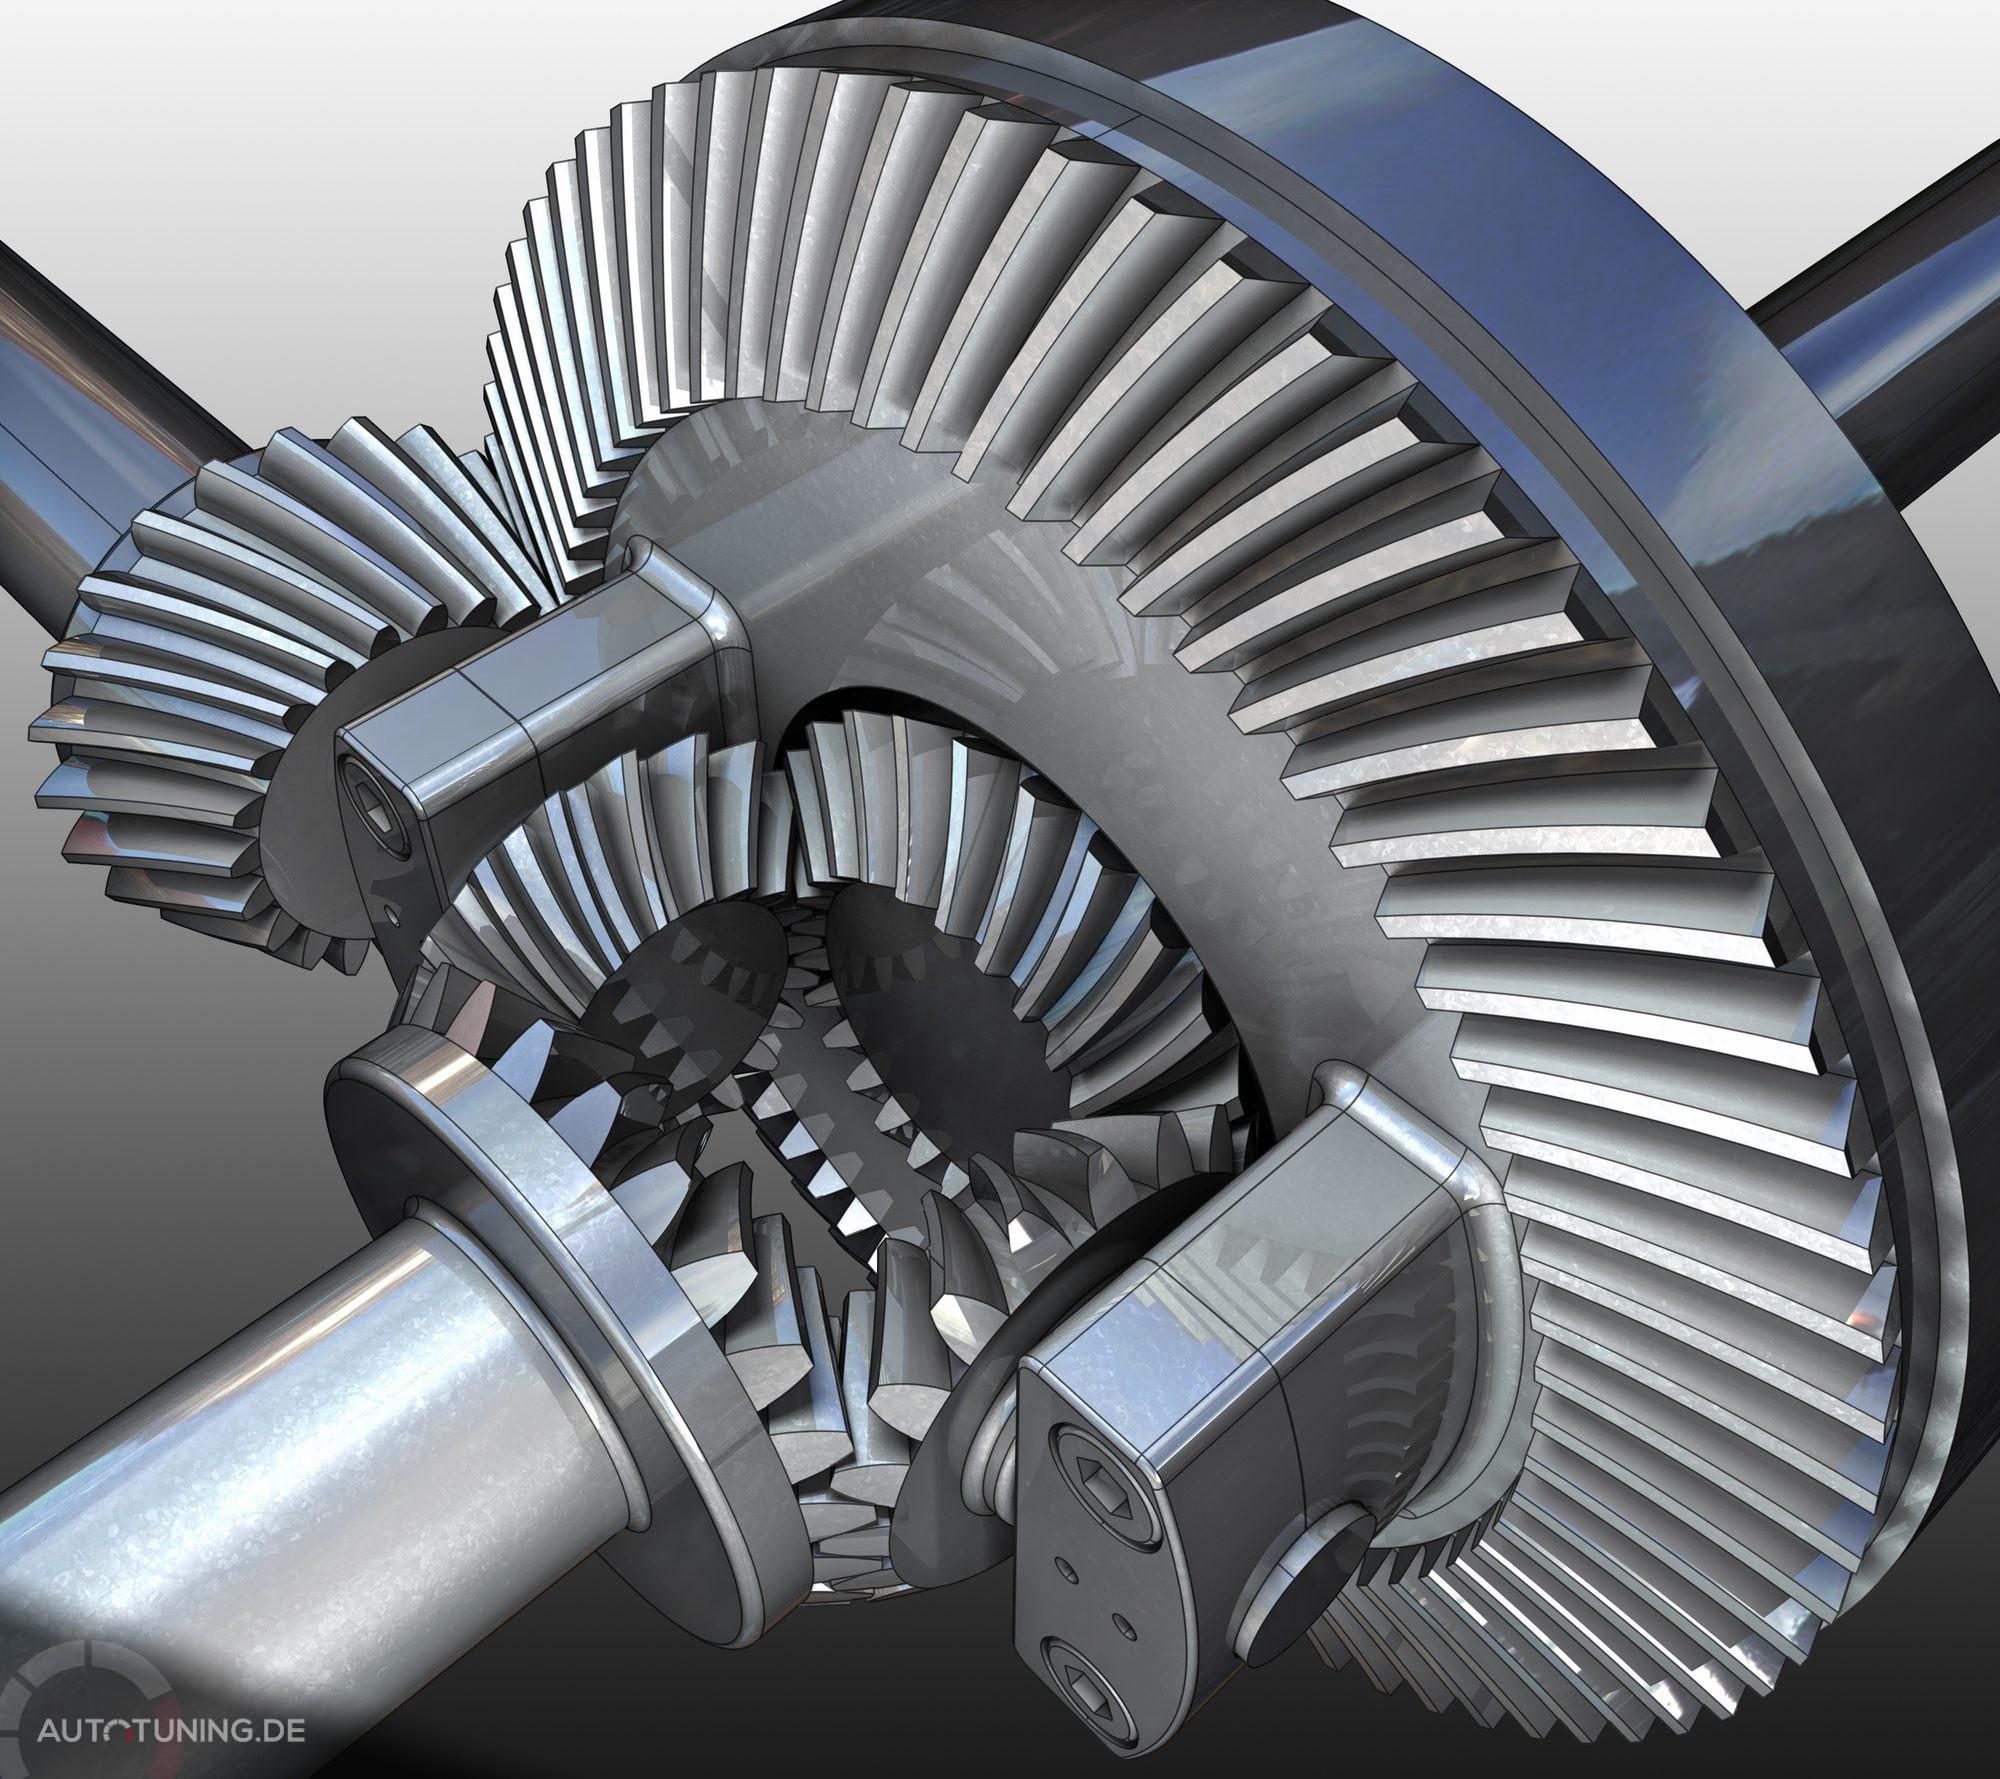 Aufbau eines Differentialgetriebes, Zahnräder ineinander verhakt